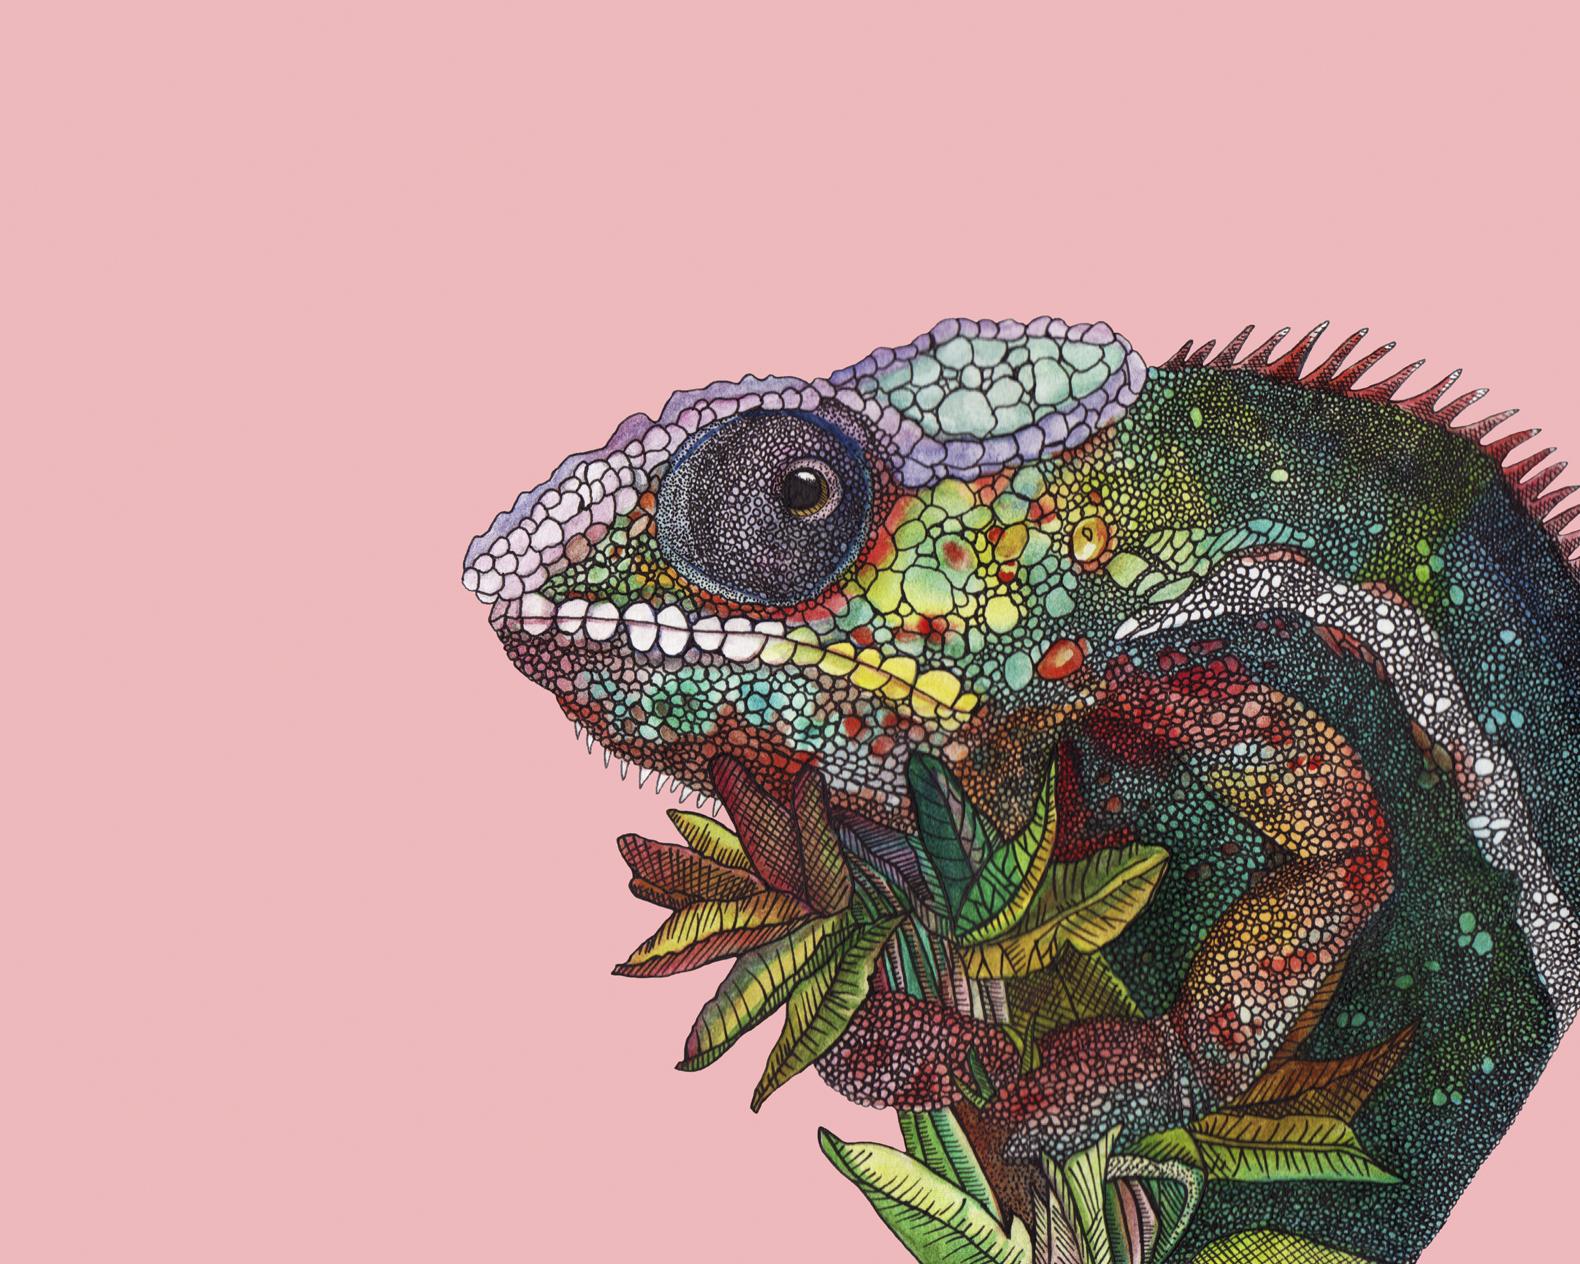 chameleon8x10.jpg